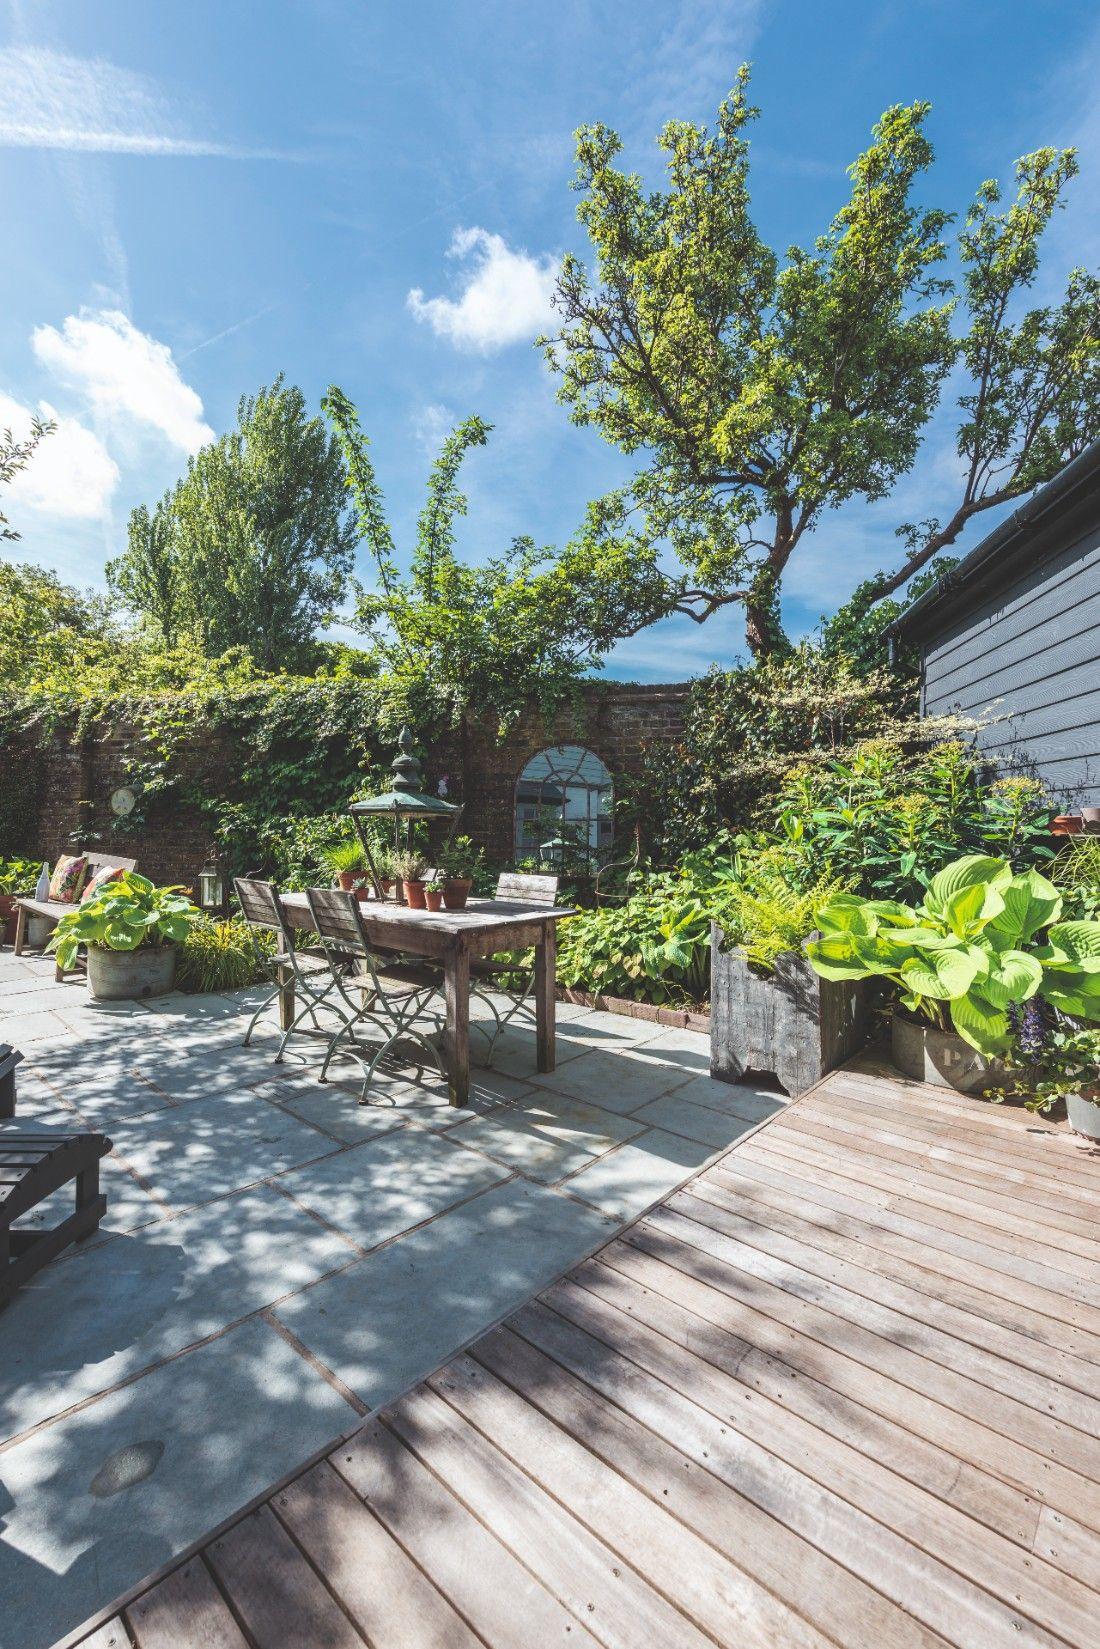 90 garden ideas best outdoor looks